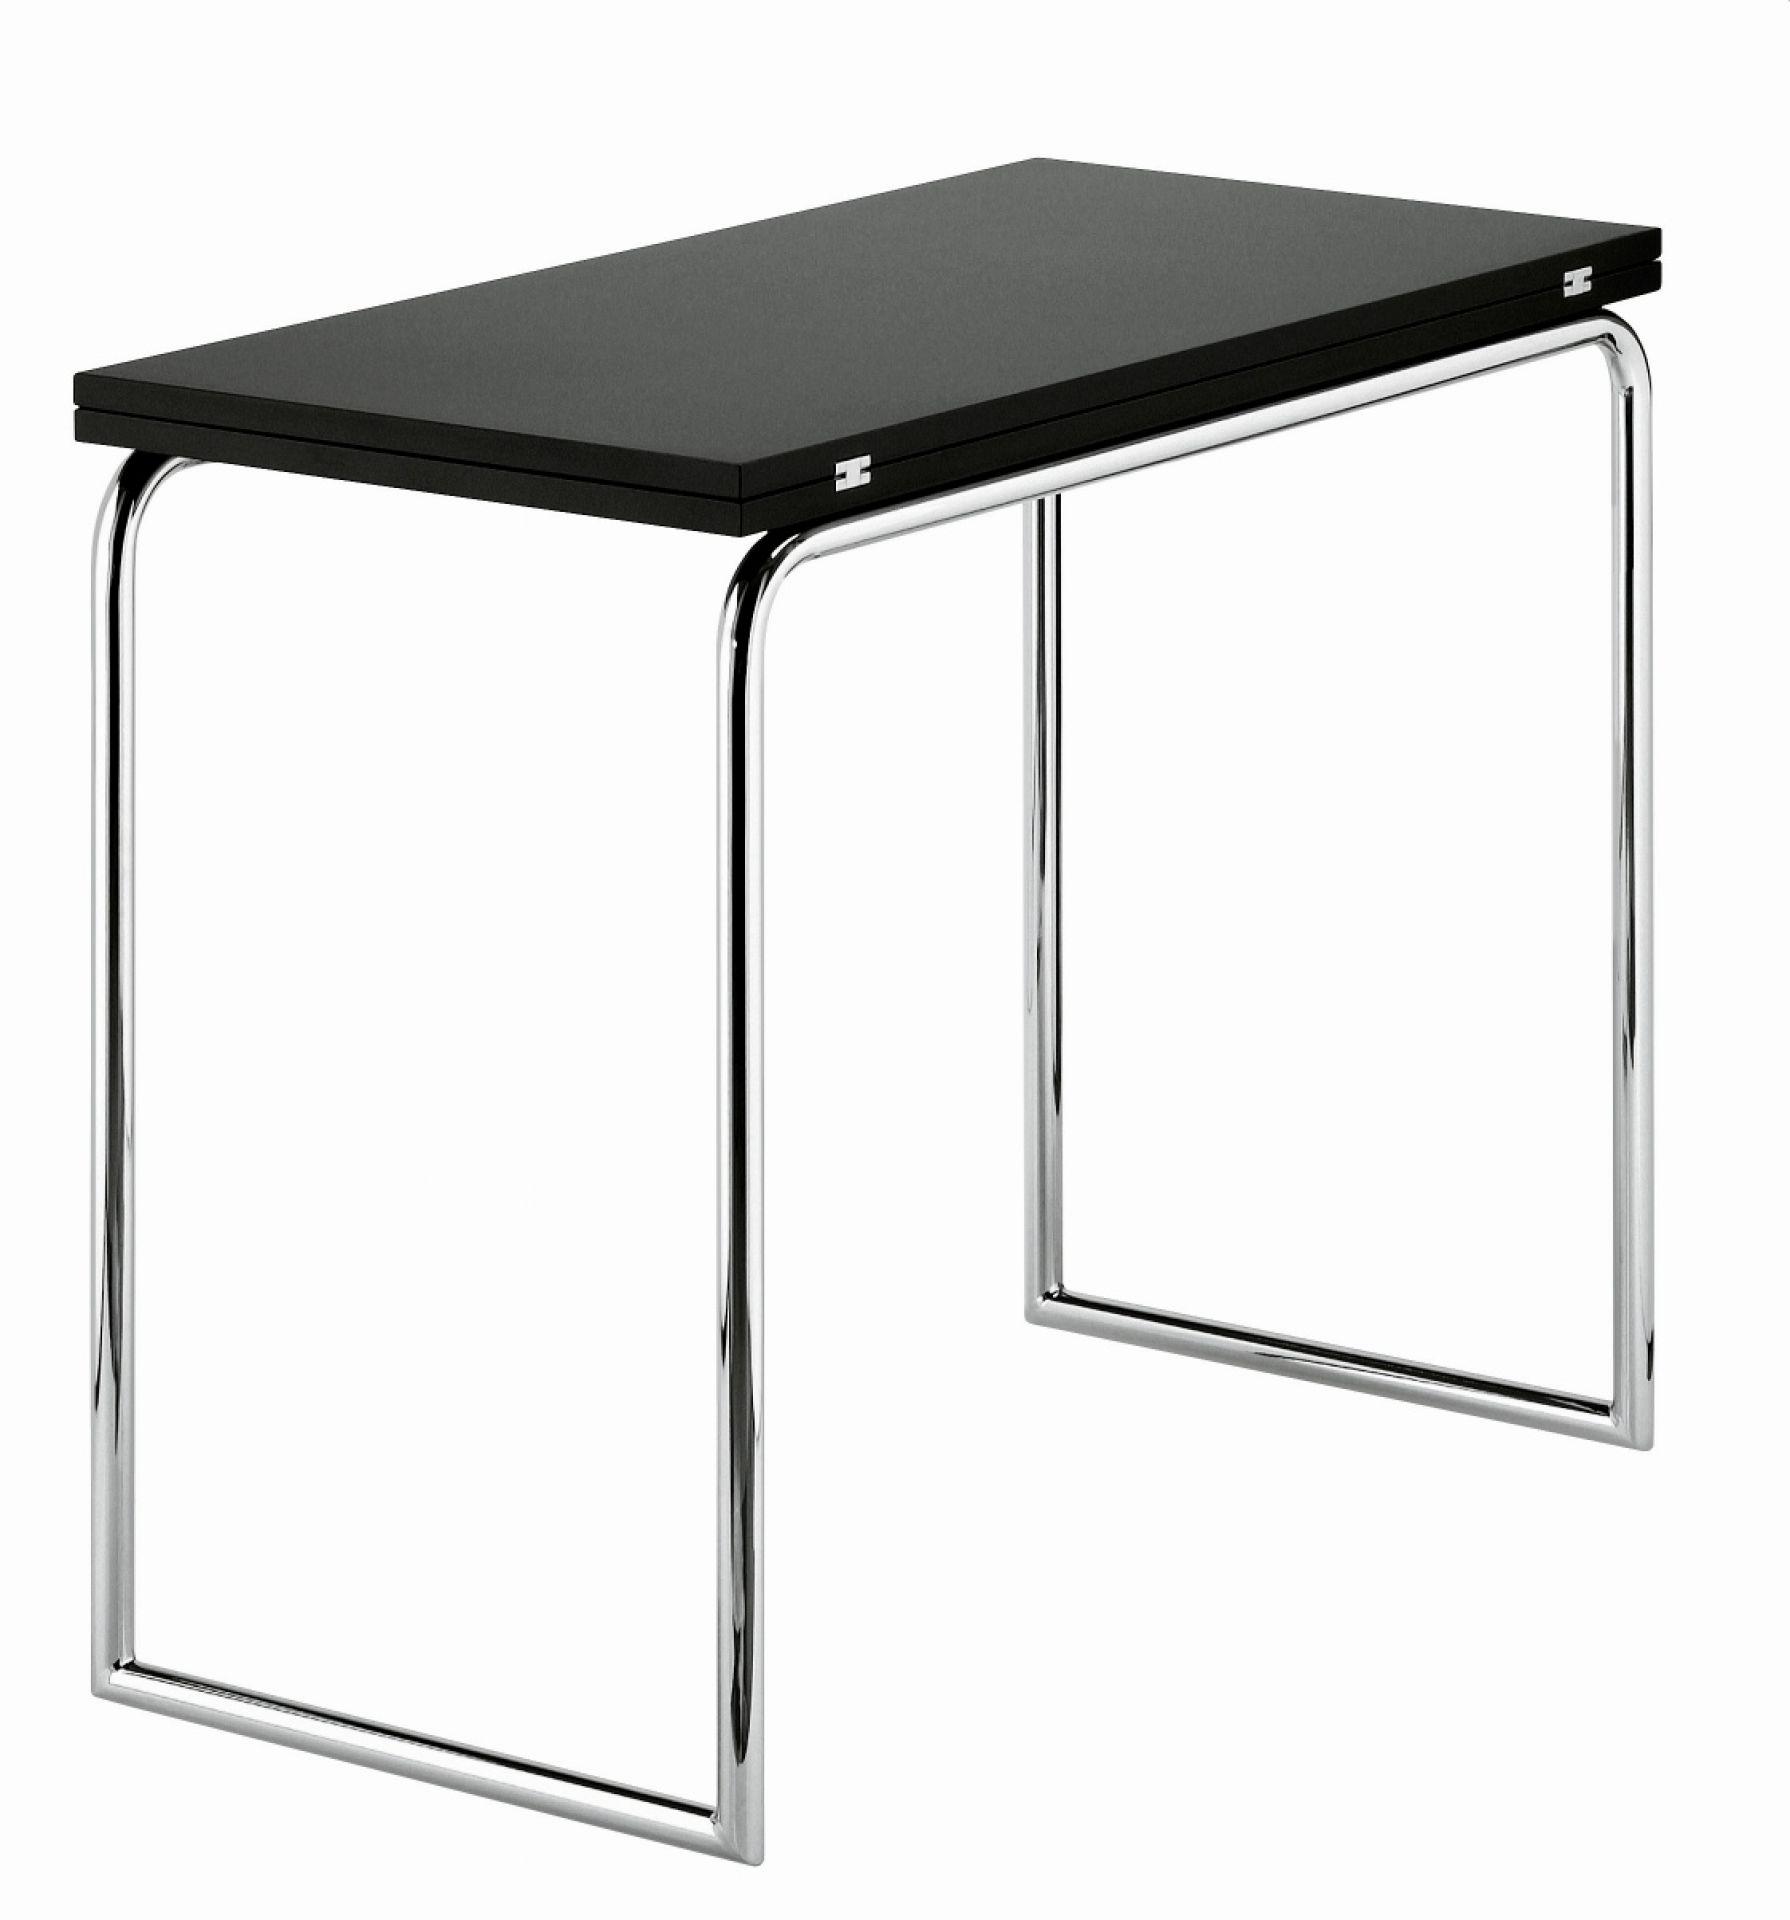 B 109 folding table Thonet